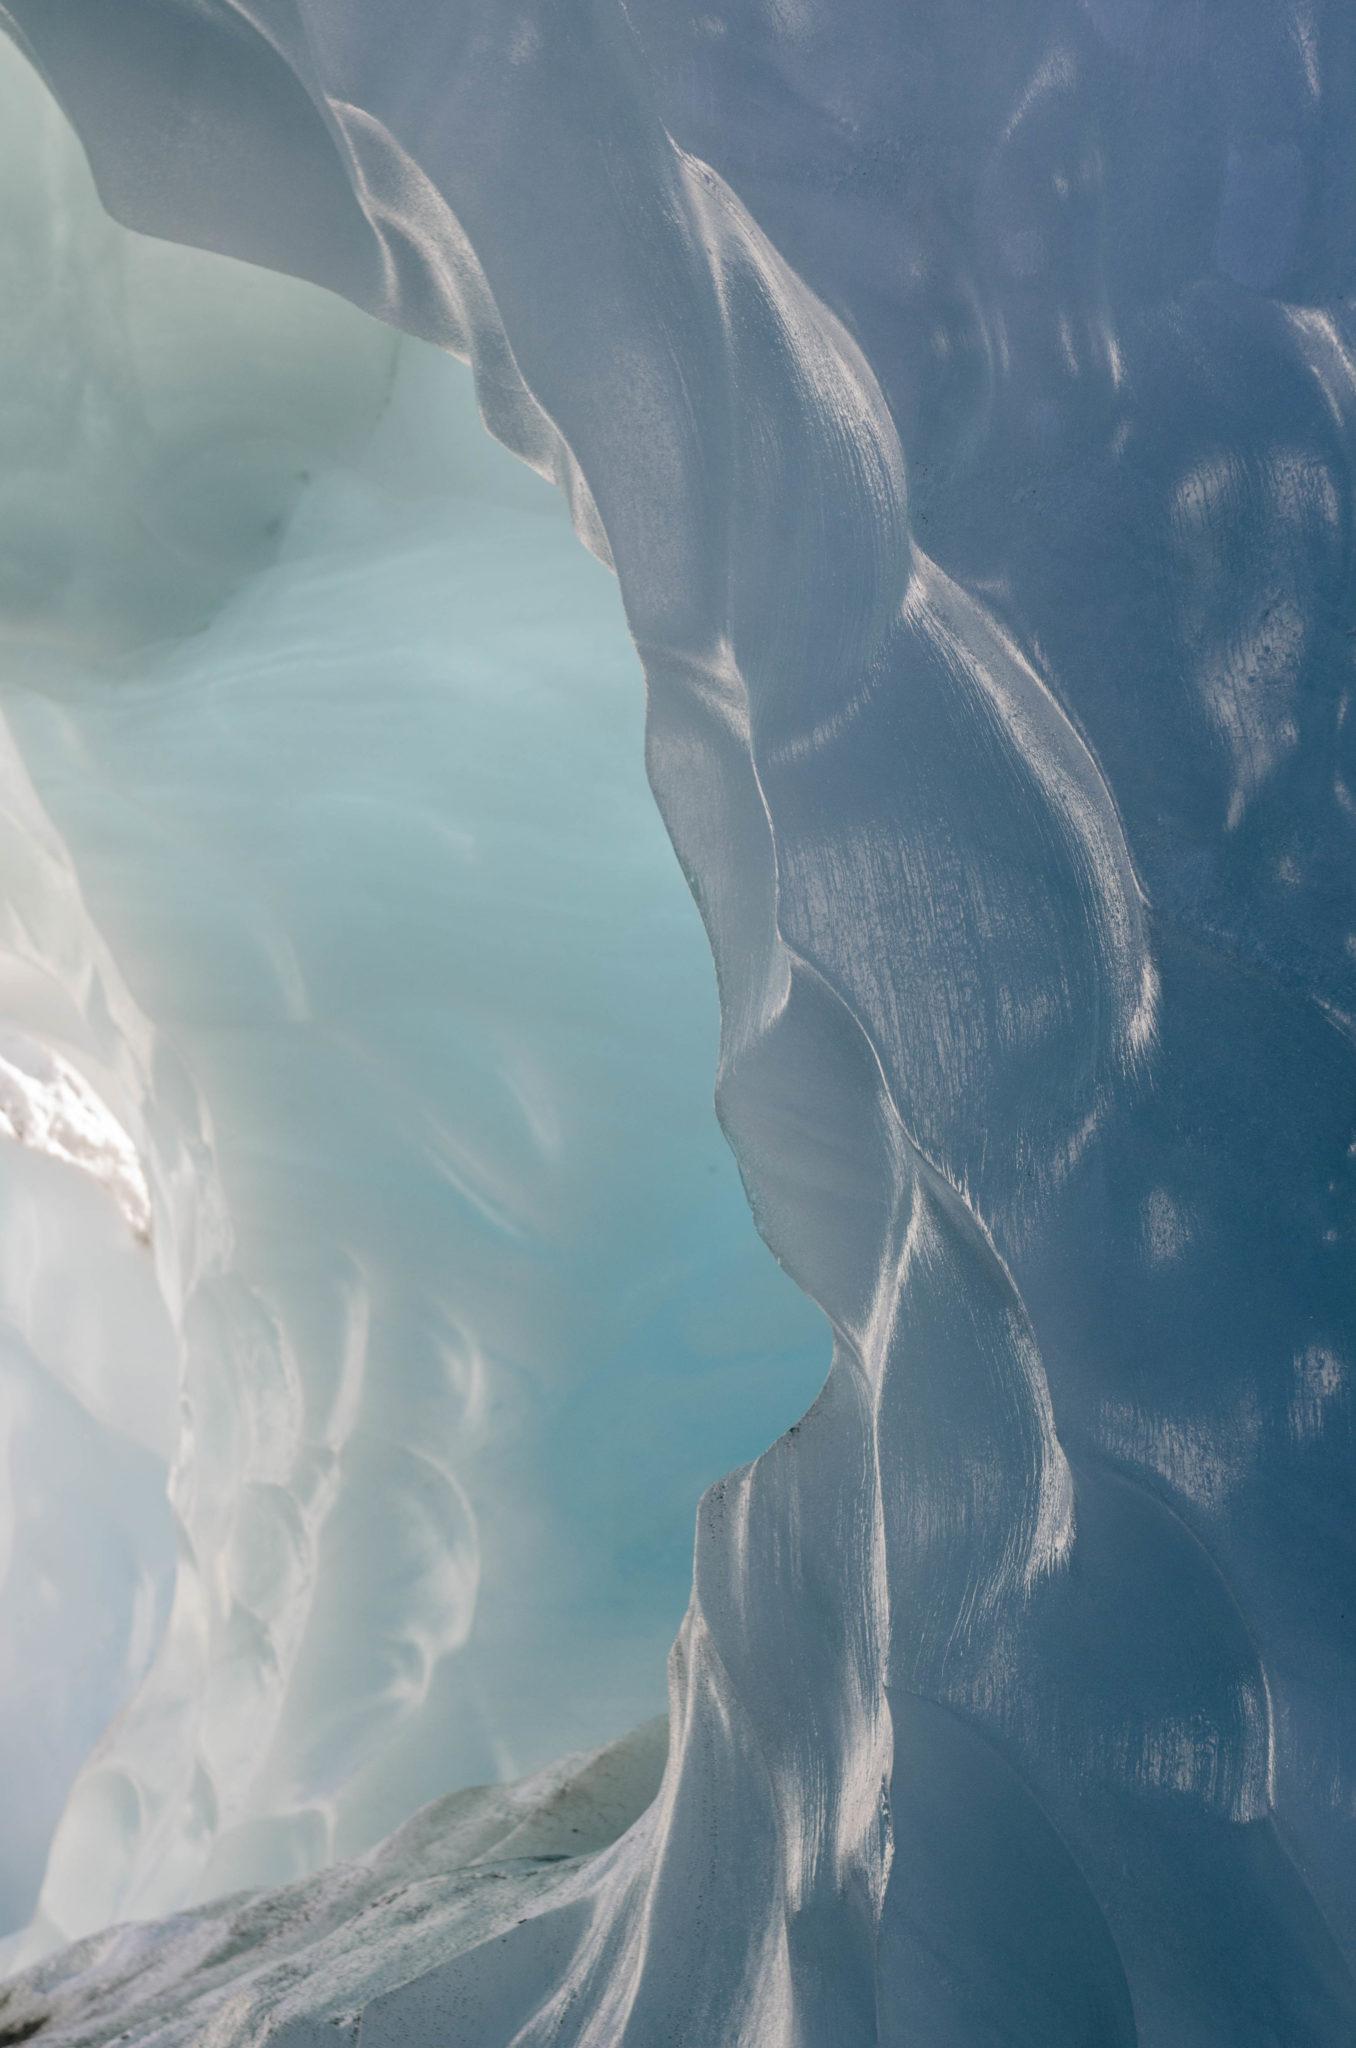 Mount Cook Neuseeland Gletscherwanderung: Das Eis bildet sein eigenes Muster